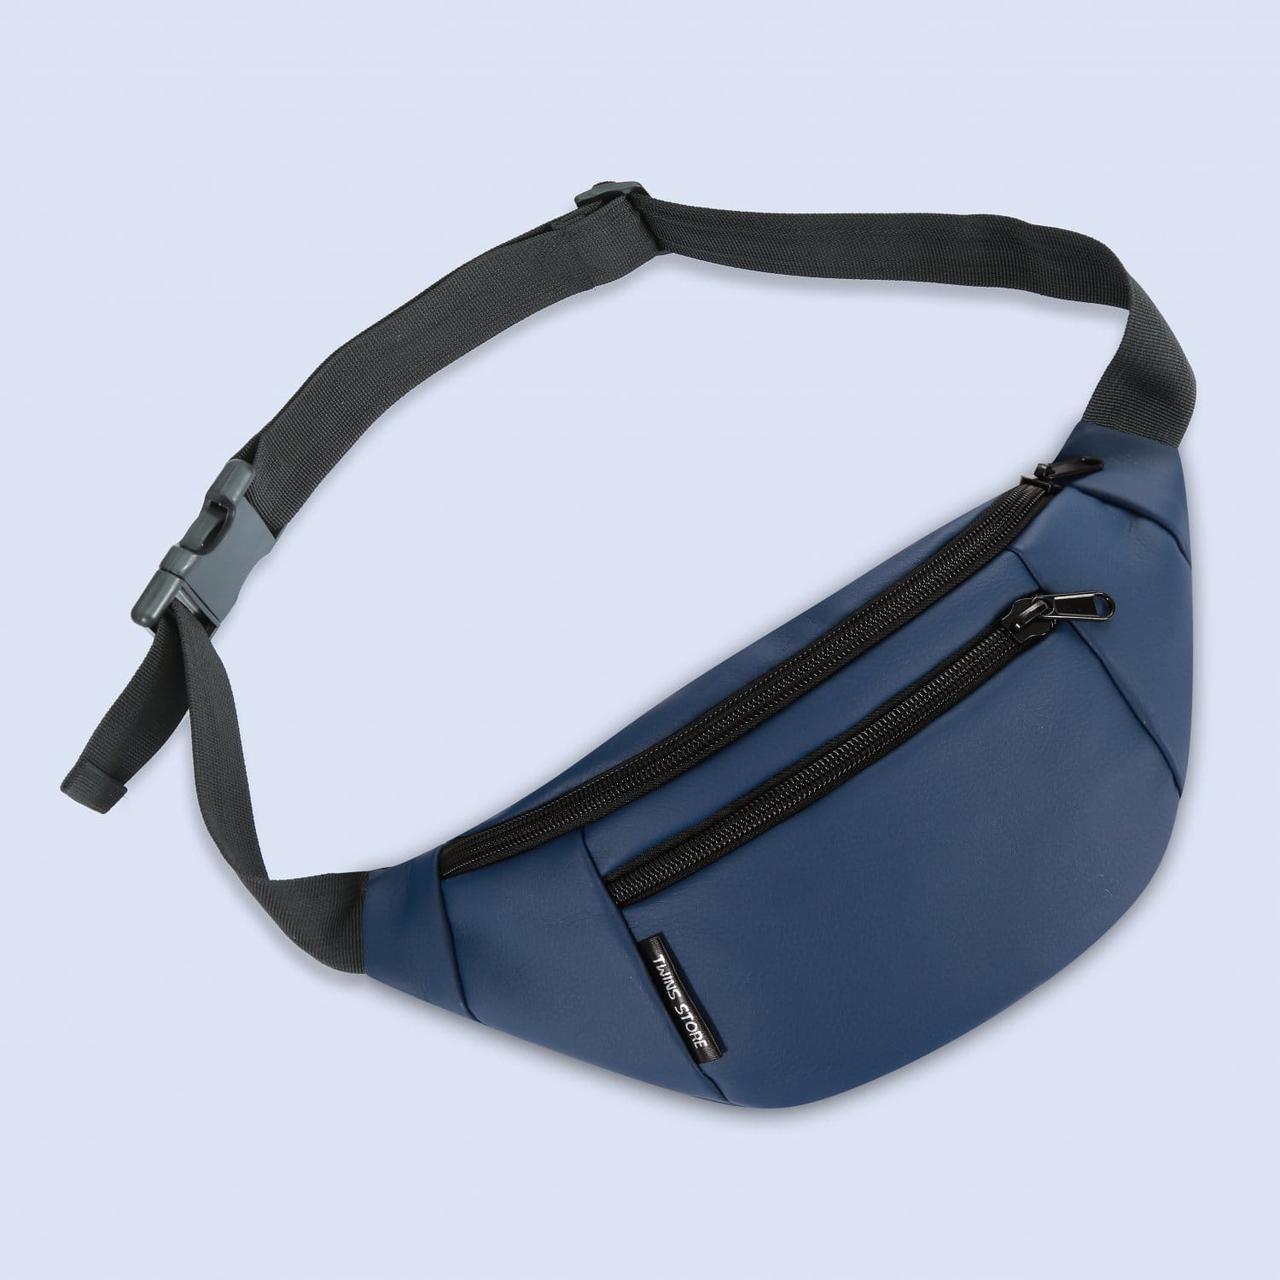 729d7d5ecae1 Поясная сумка Twins эко-кожа синяя - купить по лучшей цене в ...